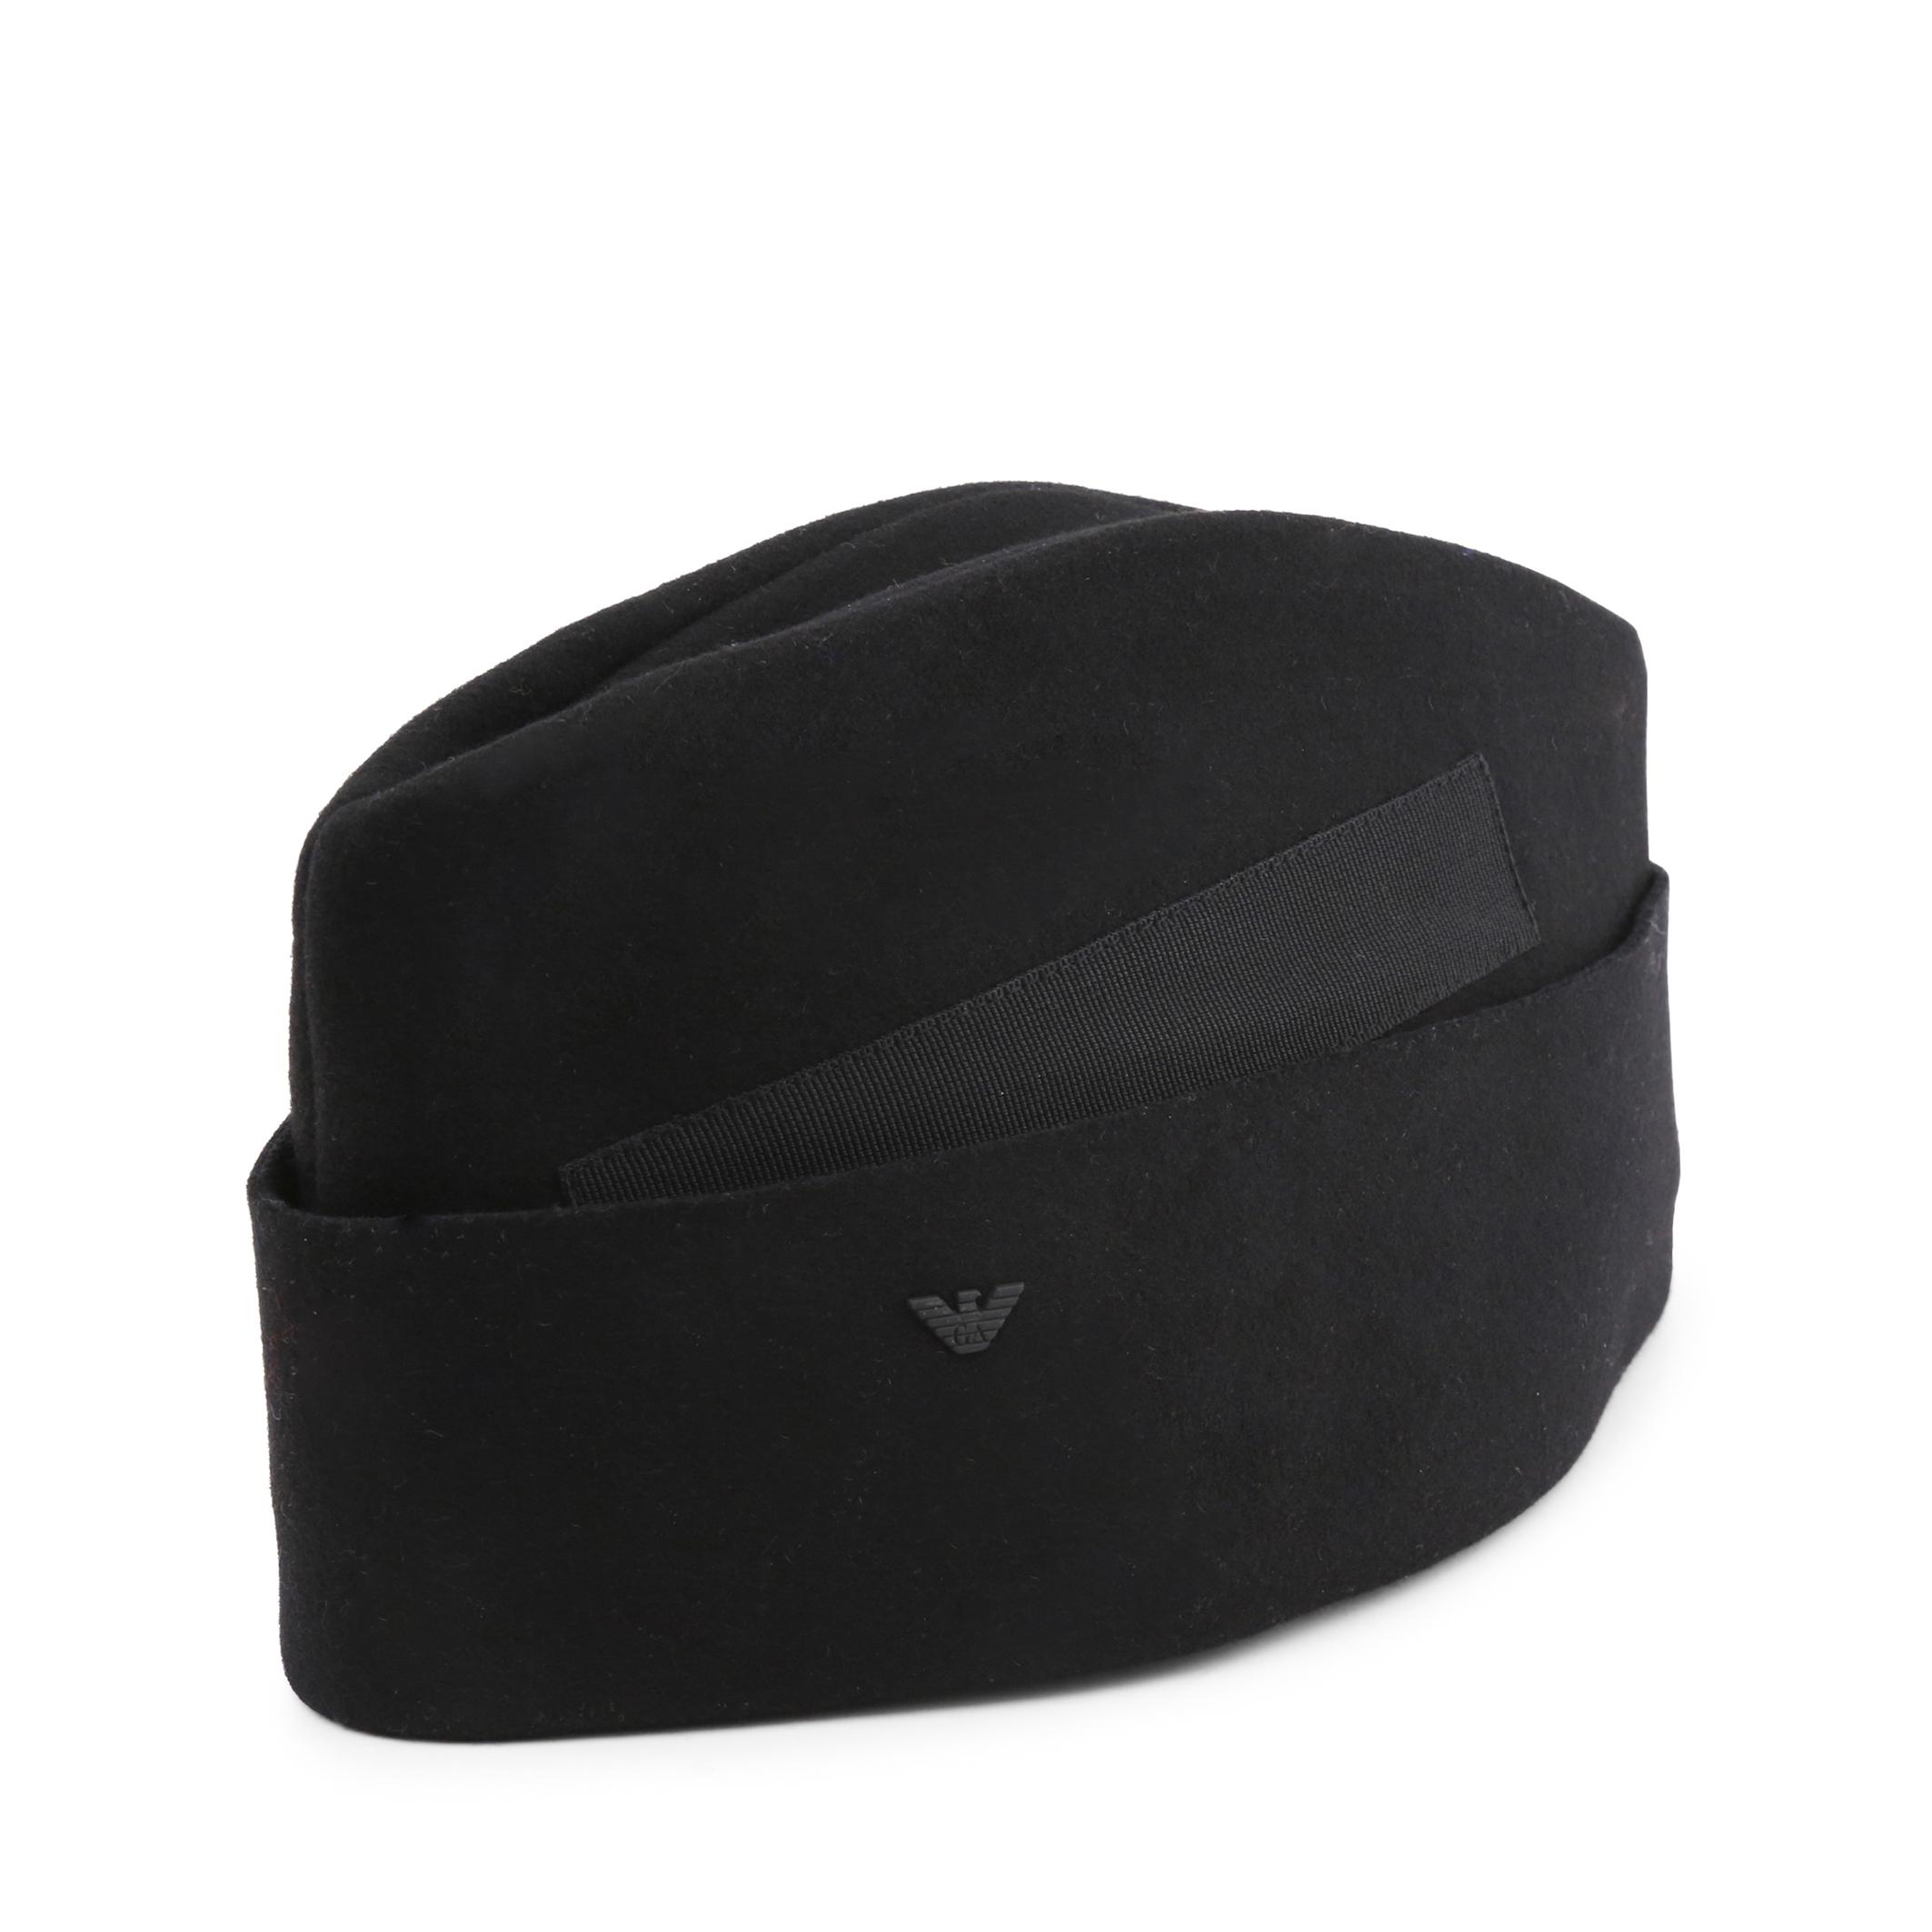 Cappello Emporio Armani 627737_5A600 Uomo Nero 97131